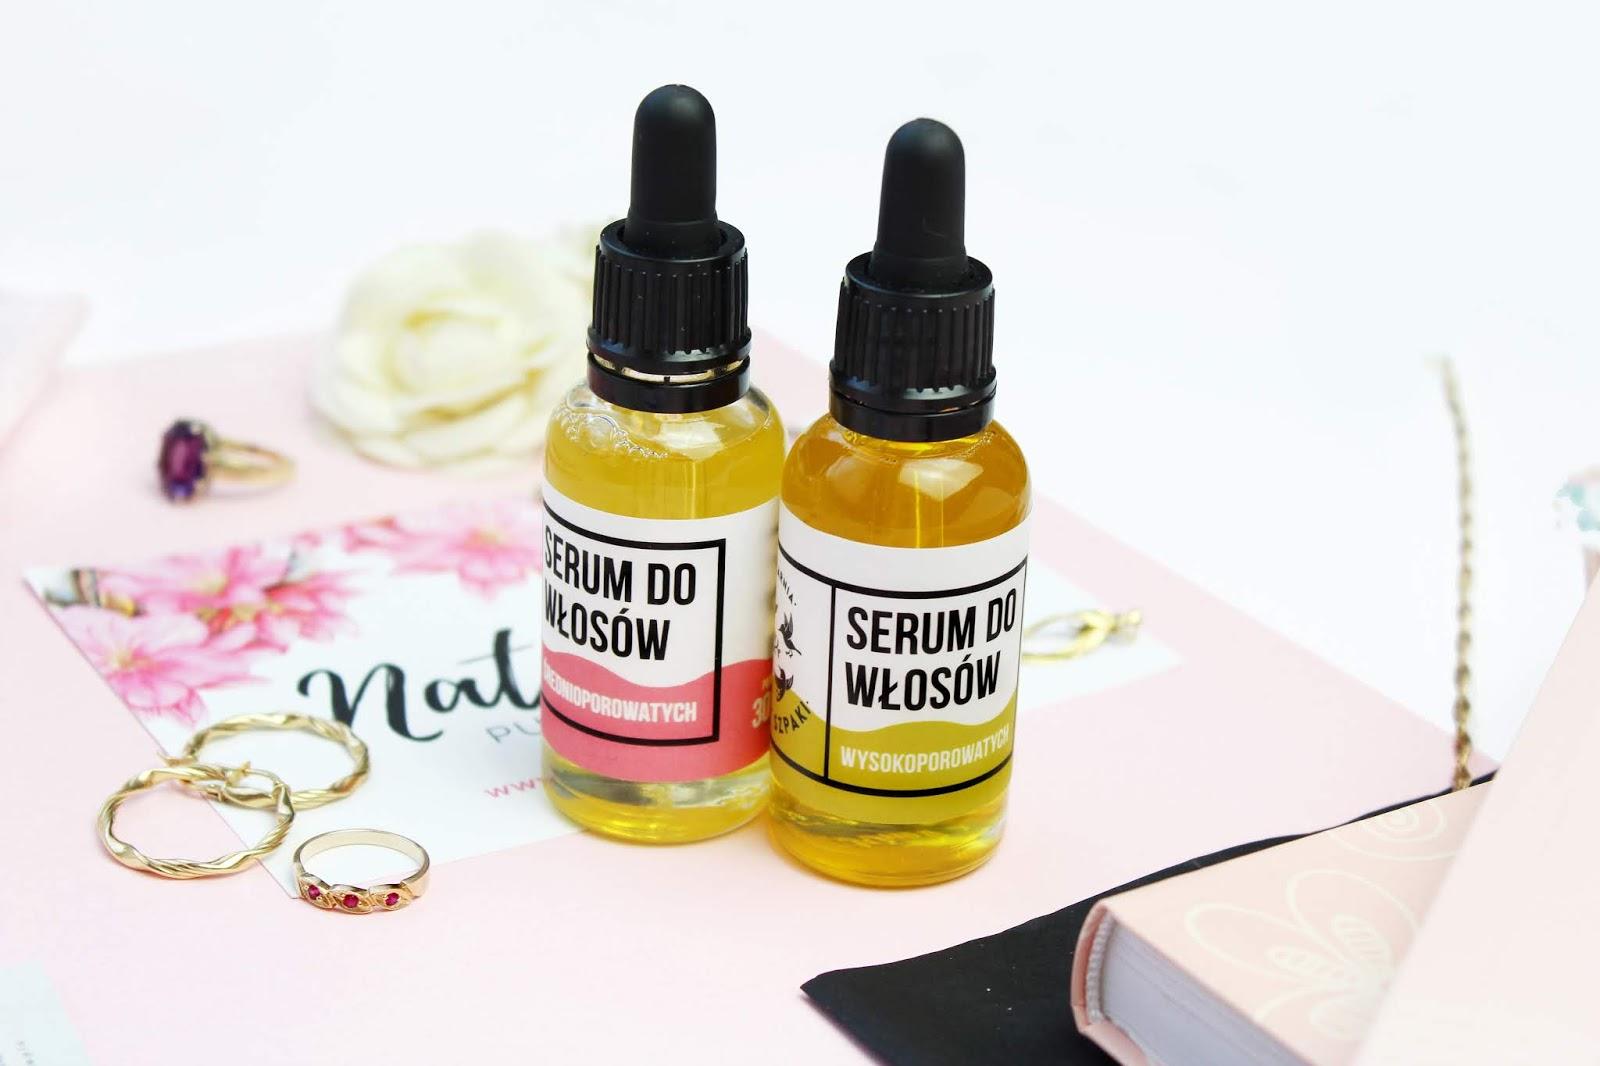 Mydlarnia Cztery Szpaki, Sera na bazie olejków dla włosów średnio oraz wysokoporowatych